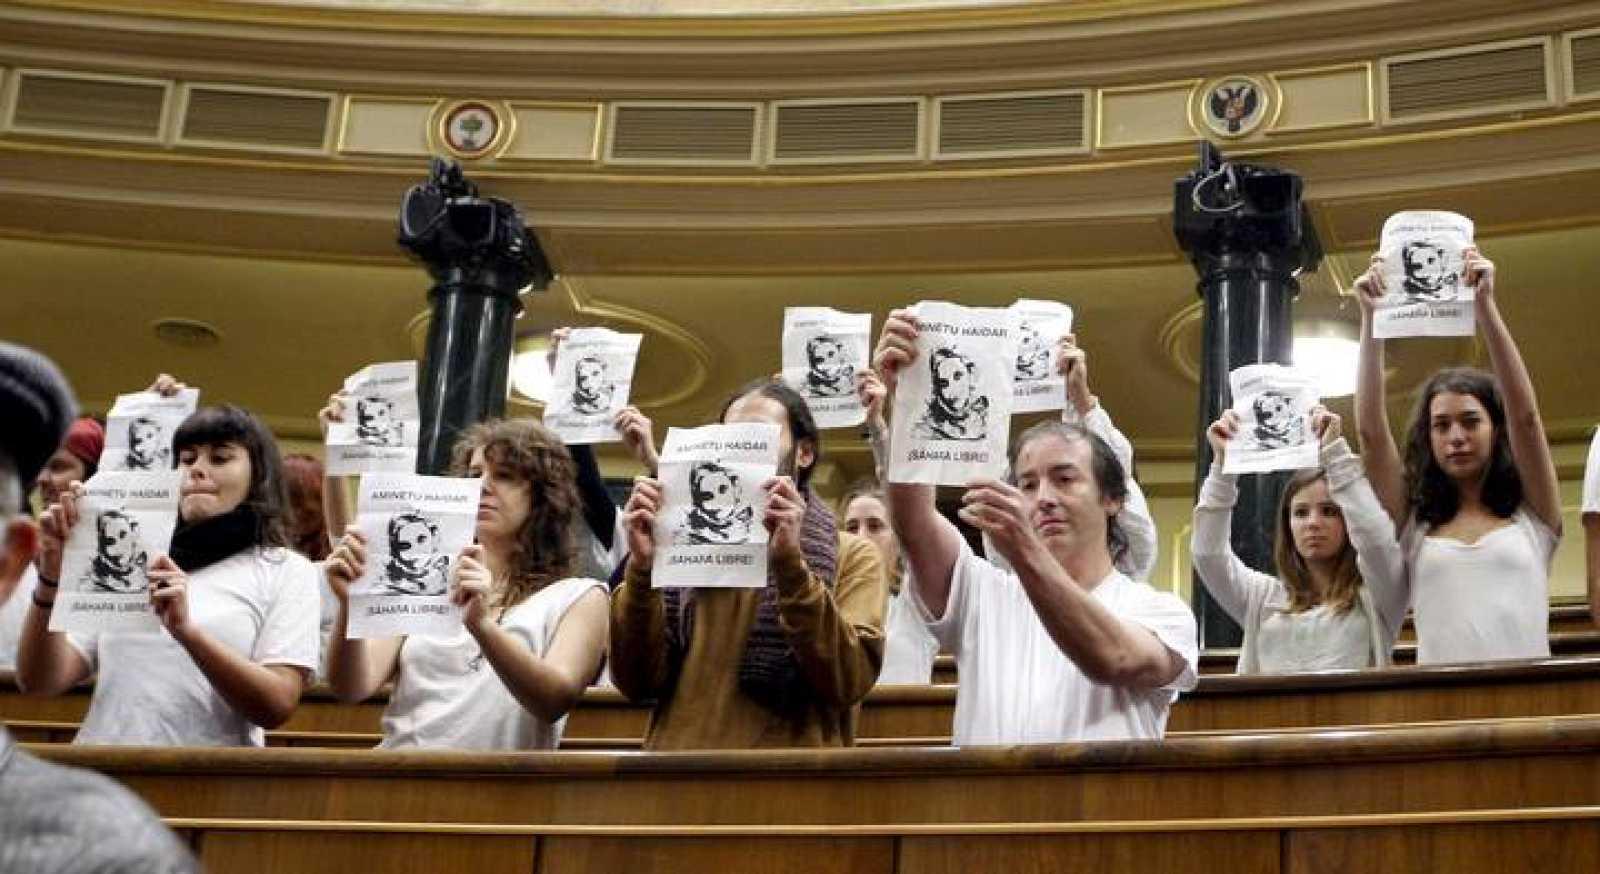 Una veintena de personas se han levantado en silencio en el Congreso con pancartas de apoyo a Haidar.